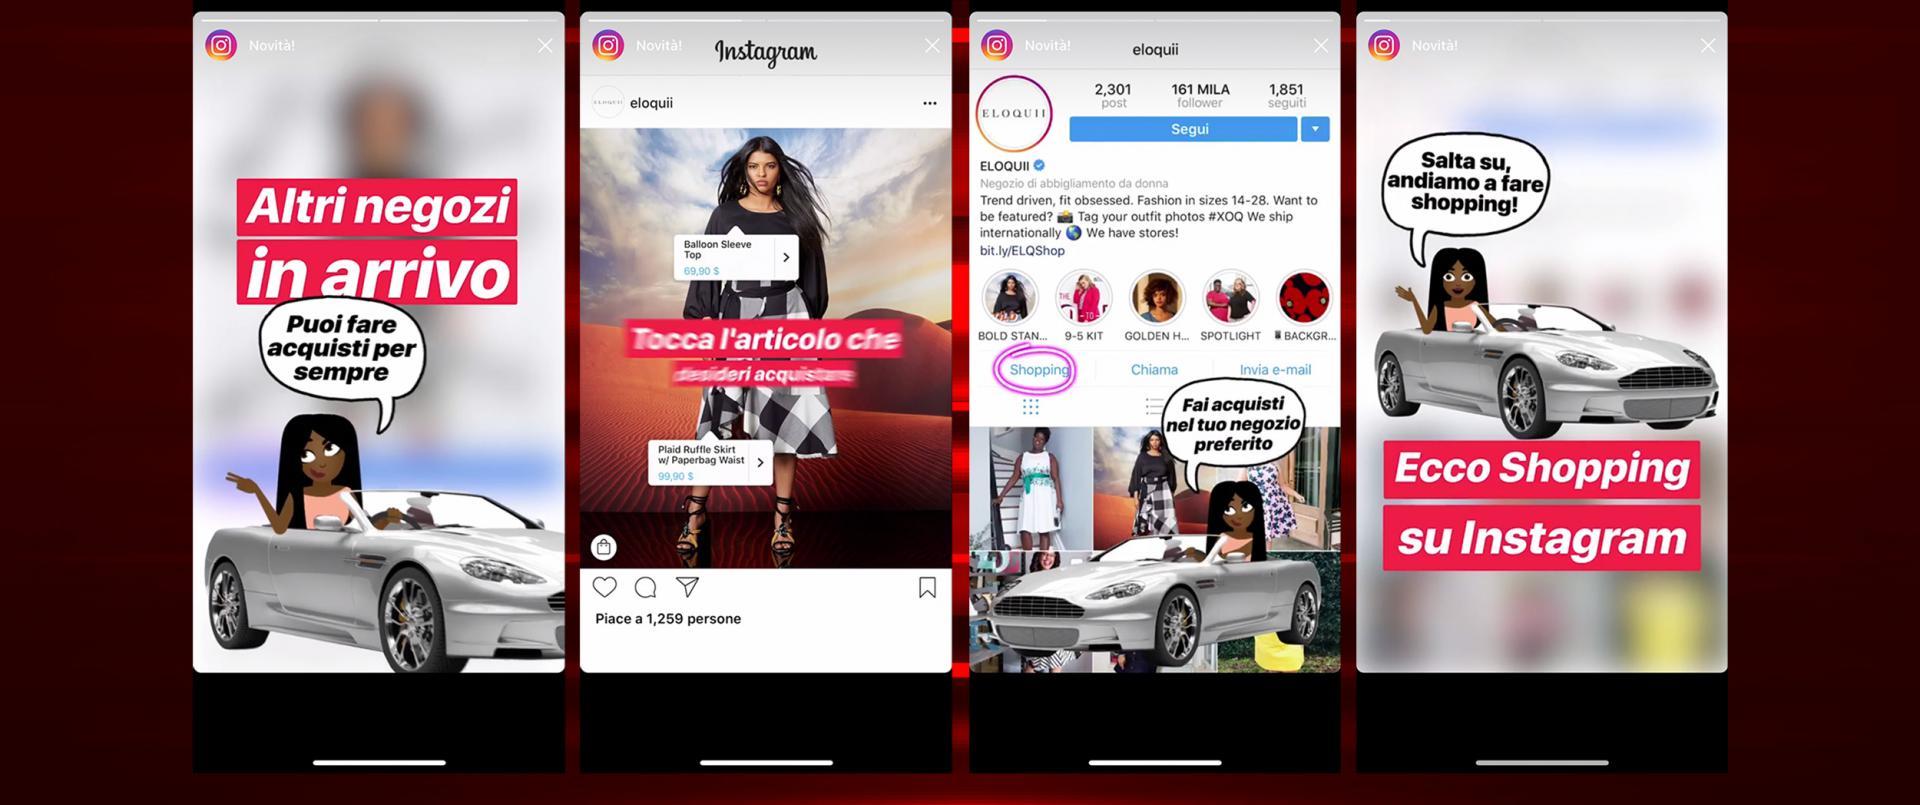 Shopping su Instagram come funziona e come vendere in Italia